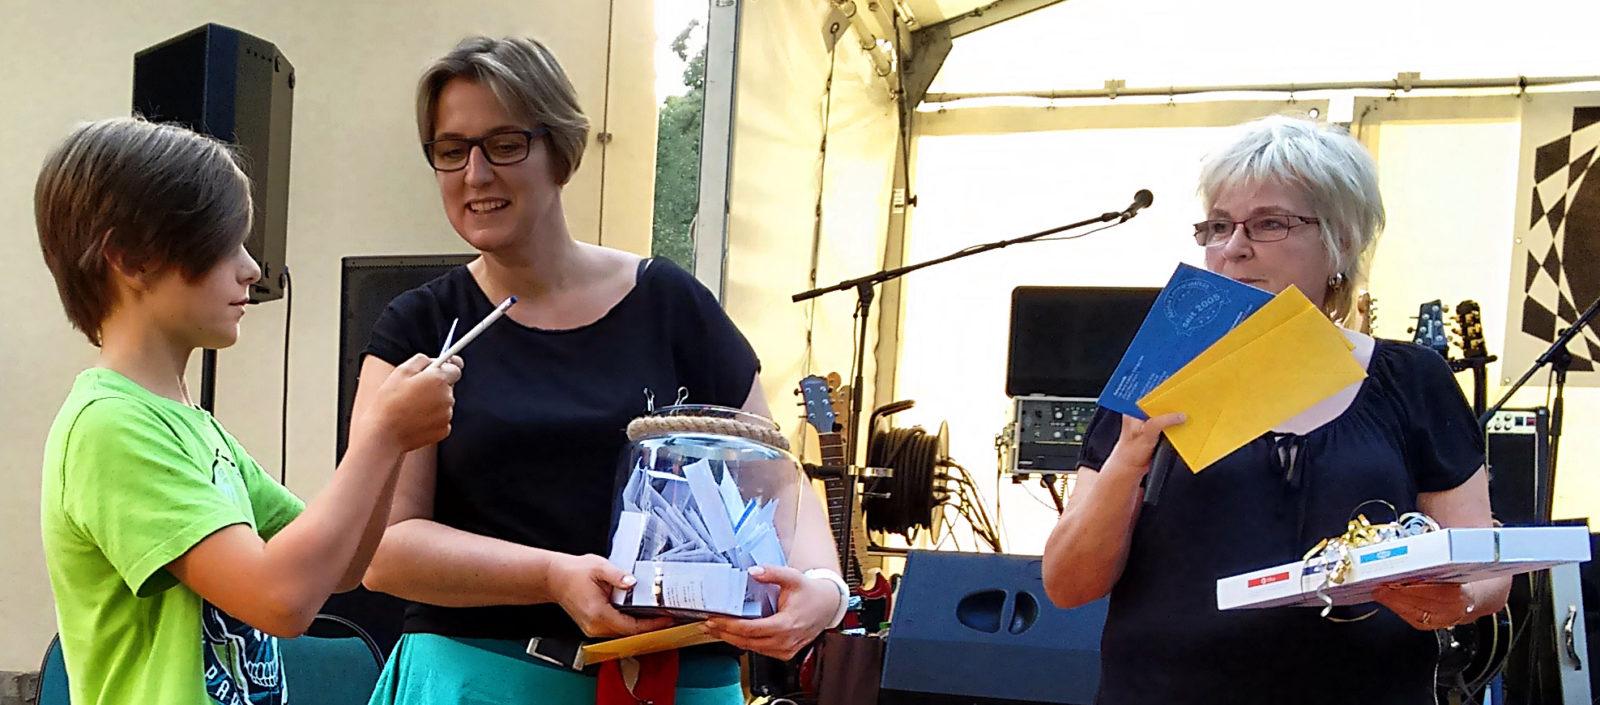 Gewinner gesucht - die offizielle Preisverlosung des jährlichen Alpha-Gewinnspiels. Neben Büchergutscheinen und anderen Preisen winkt dem Hauptgewinner ein nagelneuer Tablet-PC.